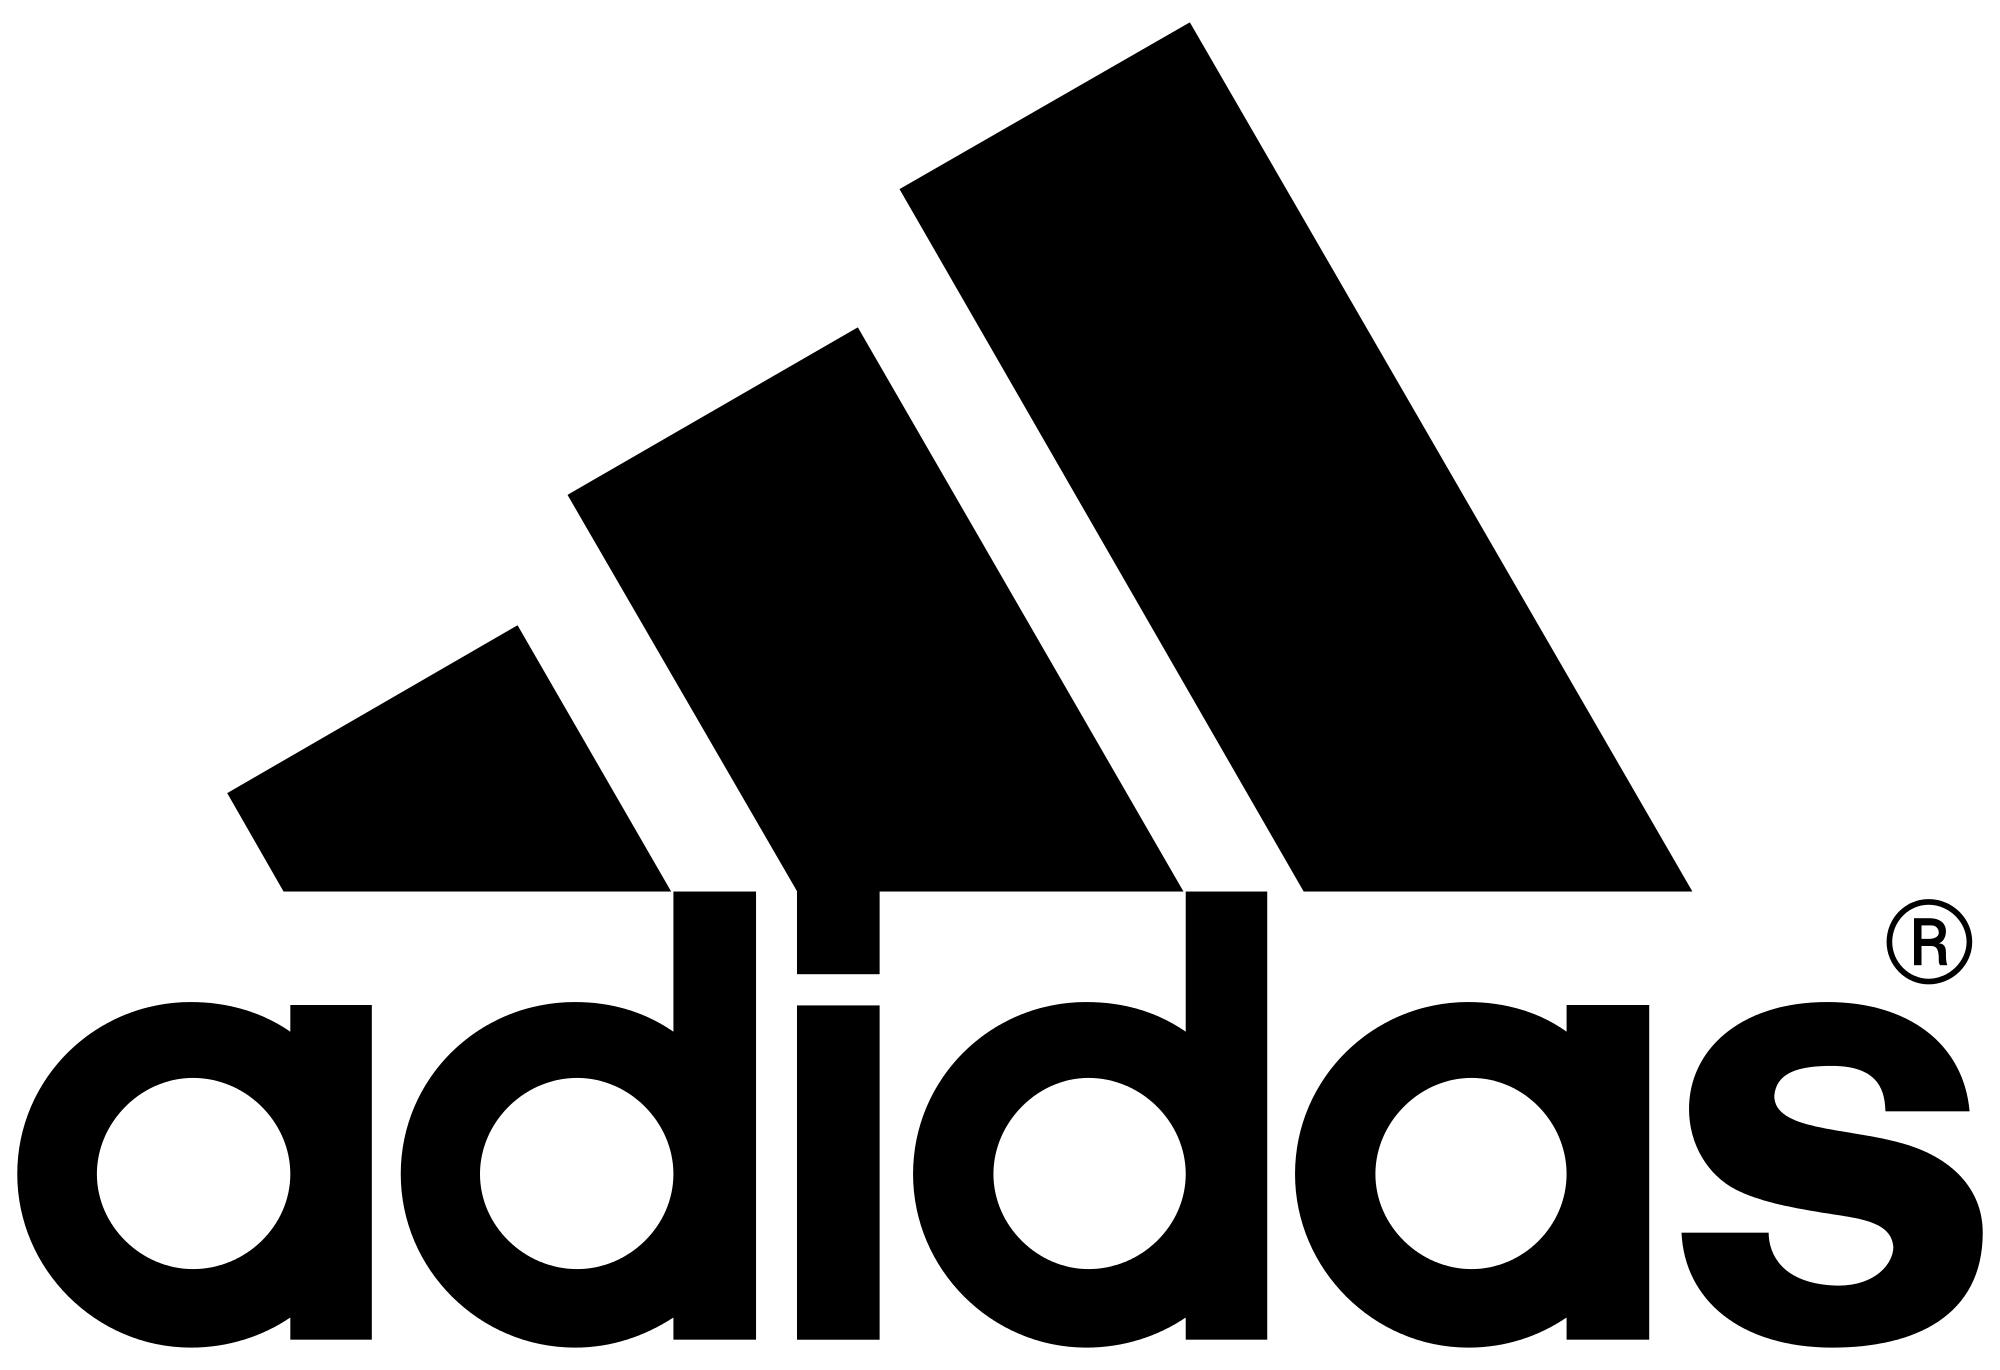 Żele adidas playboy 4,59 - 4,88 i dezodoranty >5.17 @empik